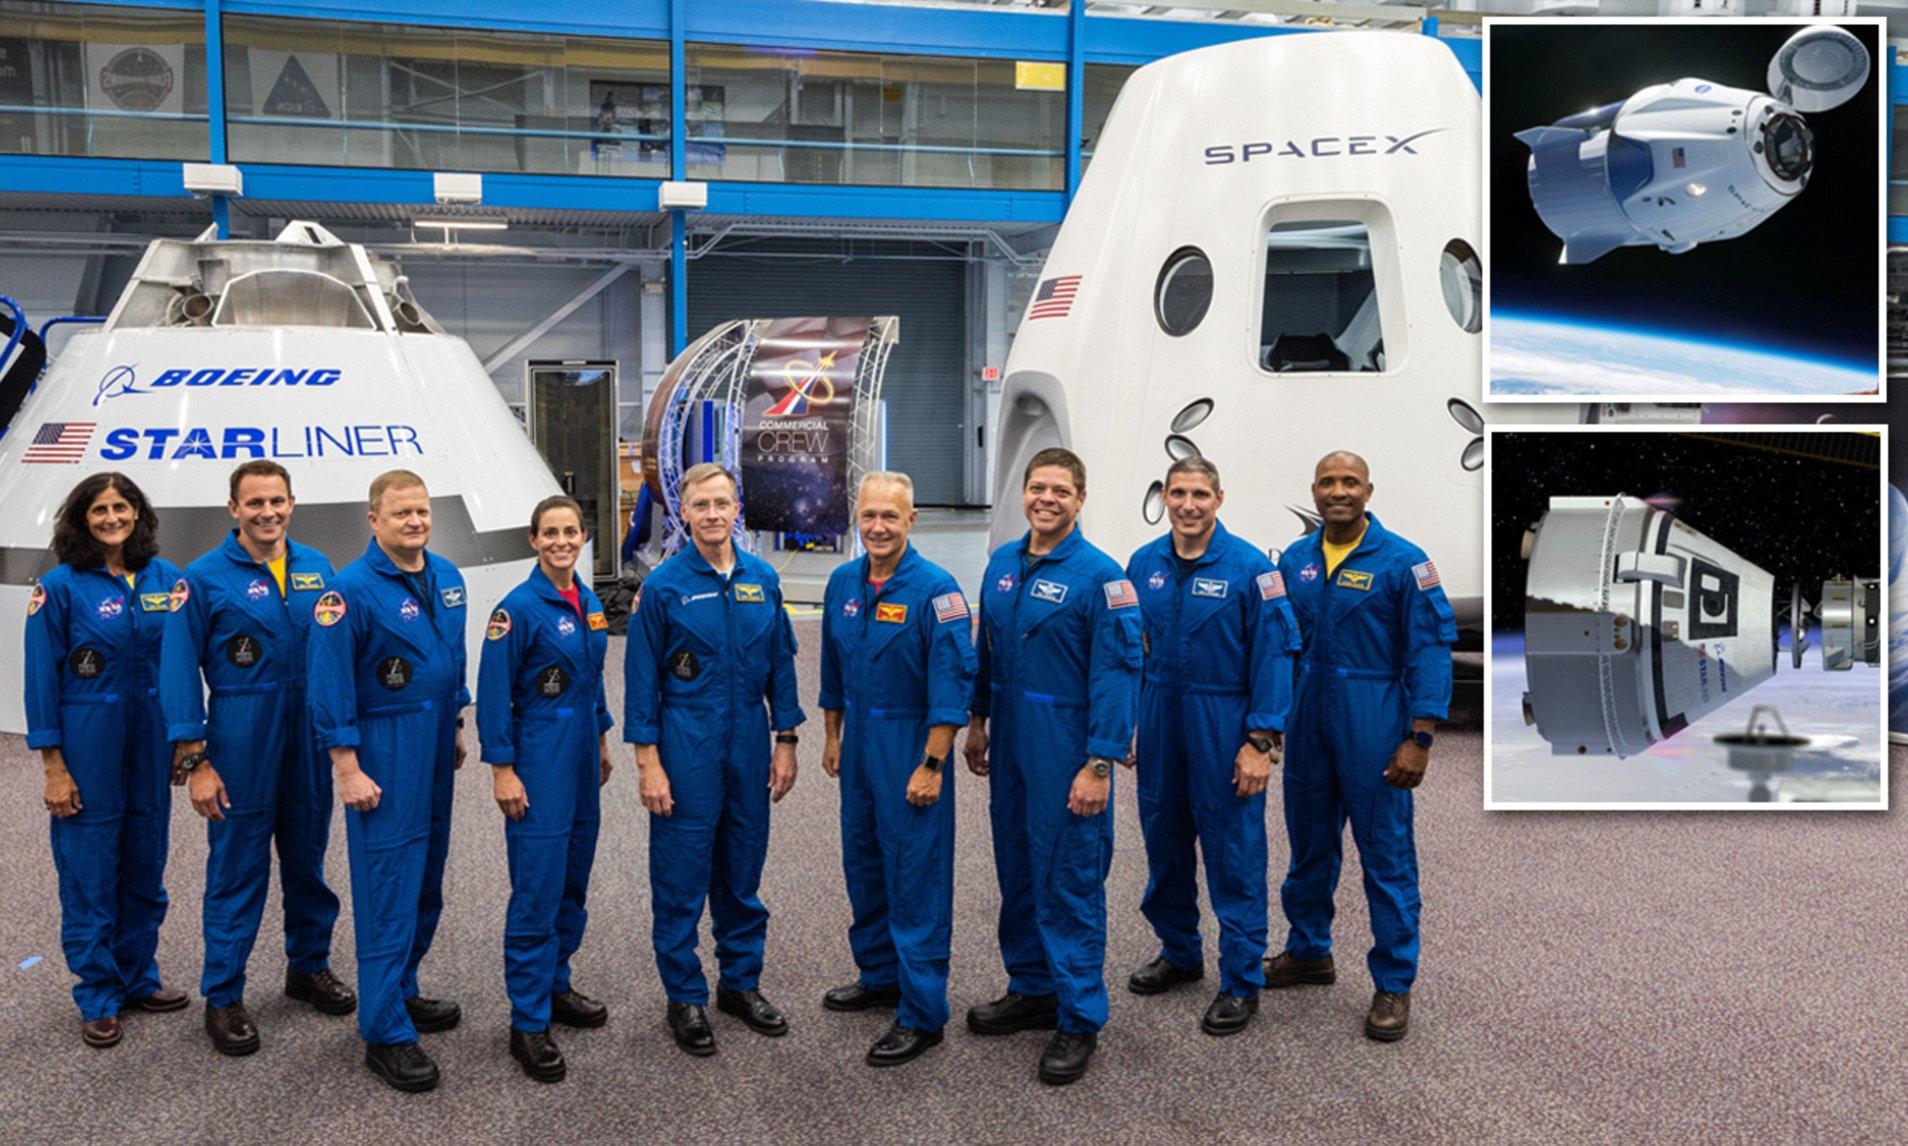 Starliner - بوئینگ امیدوار است فضاپیمای Starliner را بار دیگر آزمایش کند!